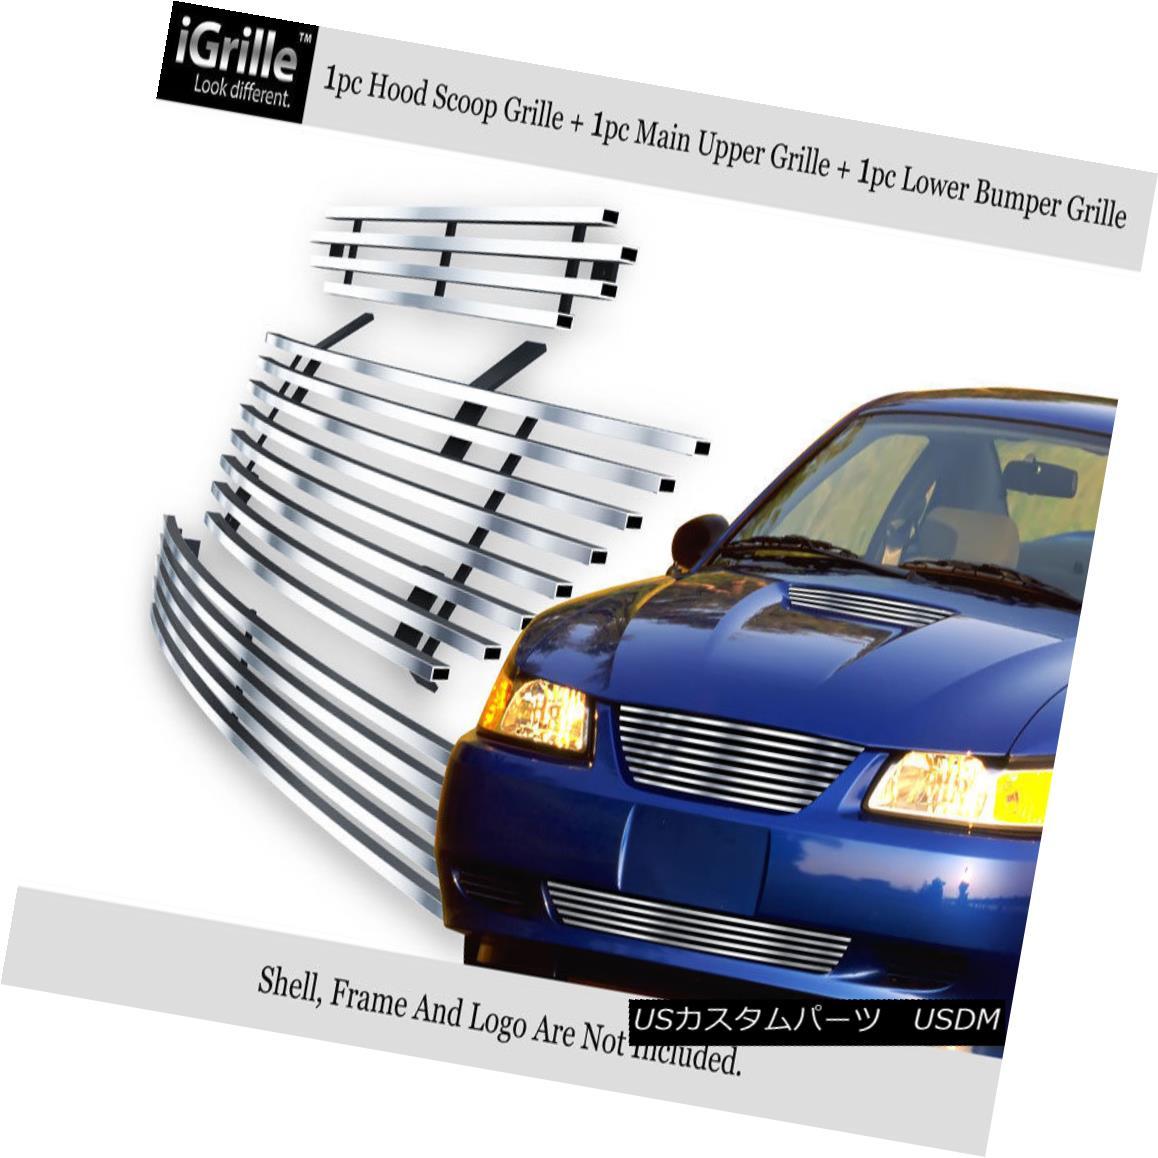 グリル 304 Stainless Steel Billet Grille Combo Fits 1999-2004 Ford Mustang 304ステンレス鋼のビレットグリルコンボは1999-2004 Ford Mustangに適合